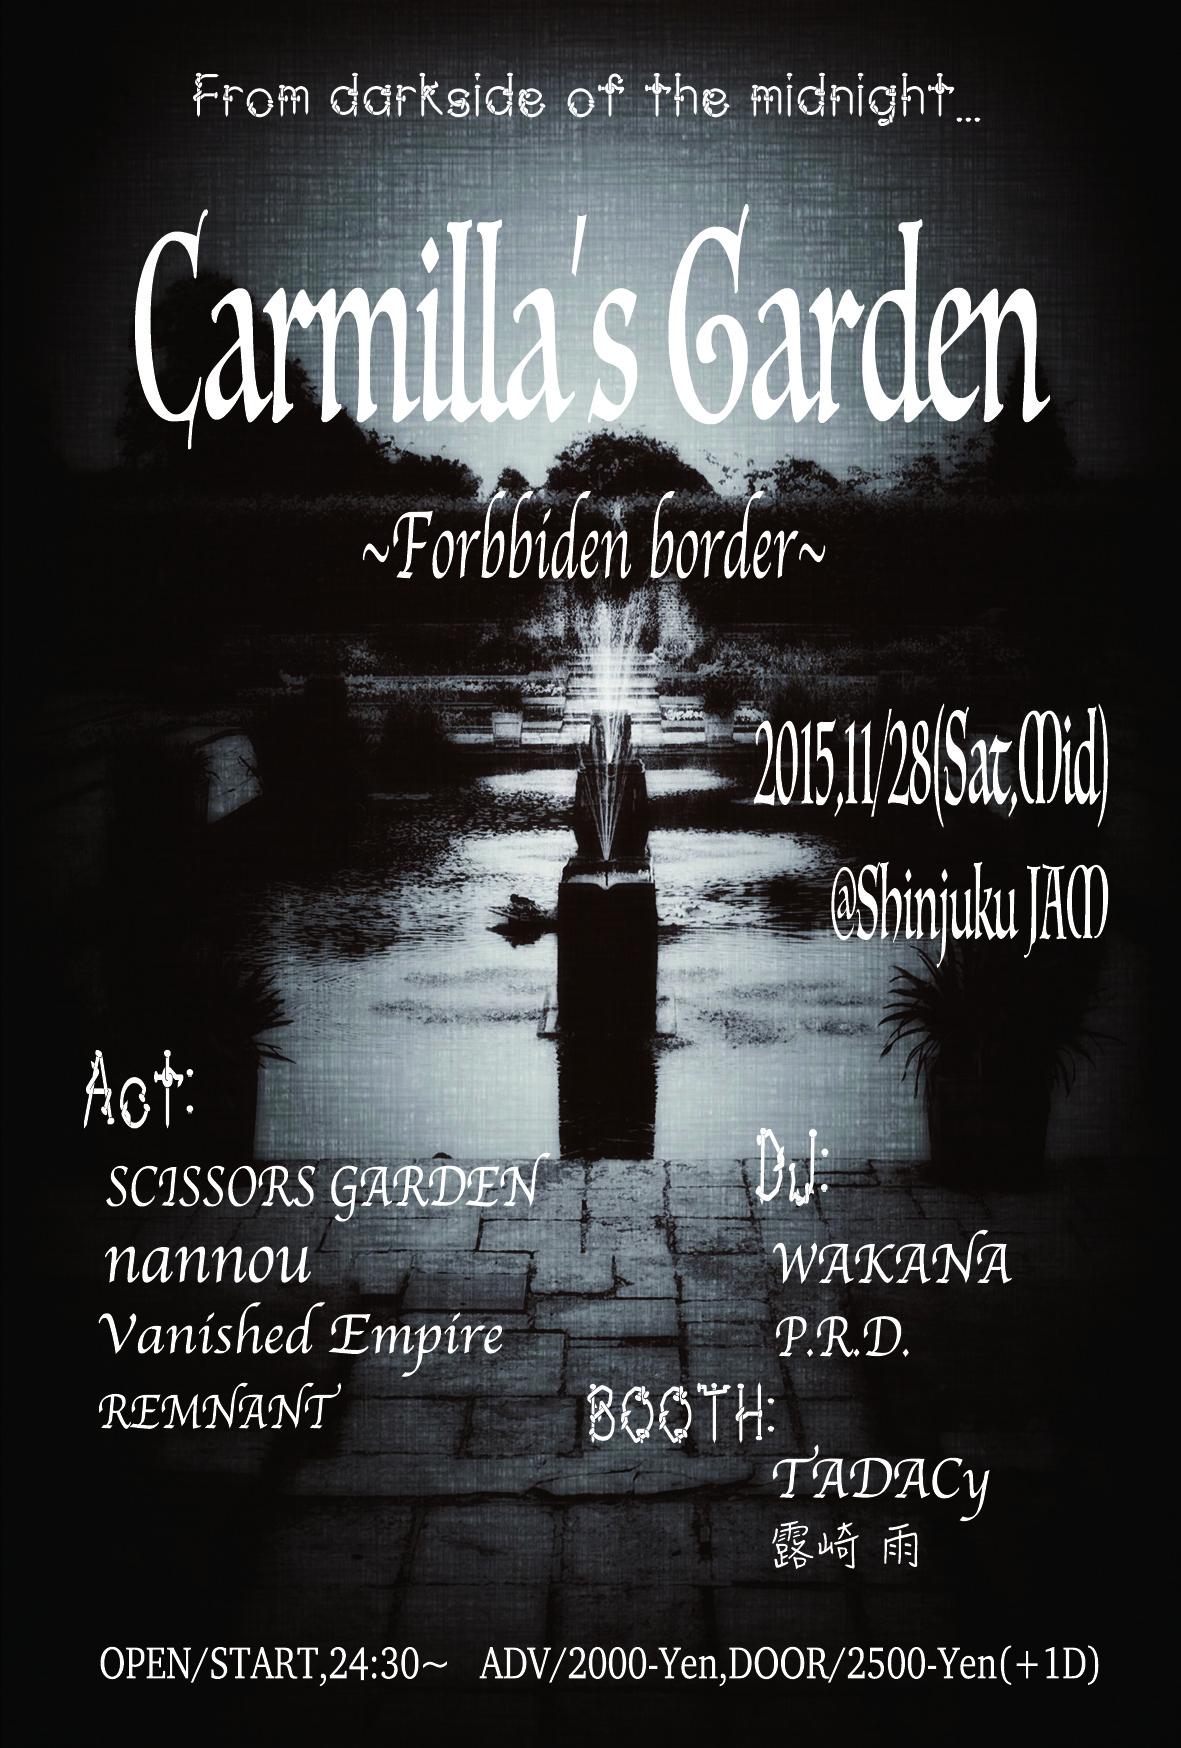 Carmilla's Garden 20151128